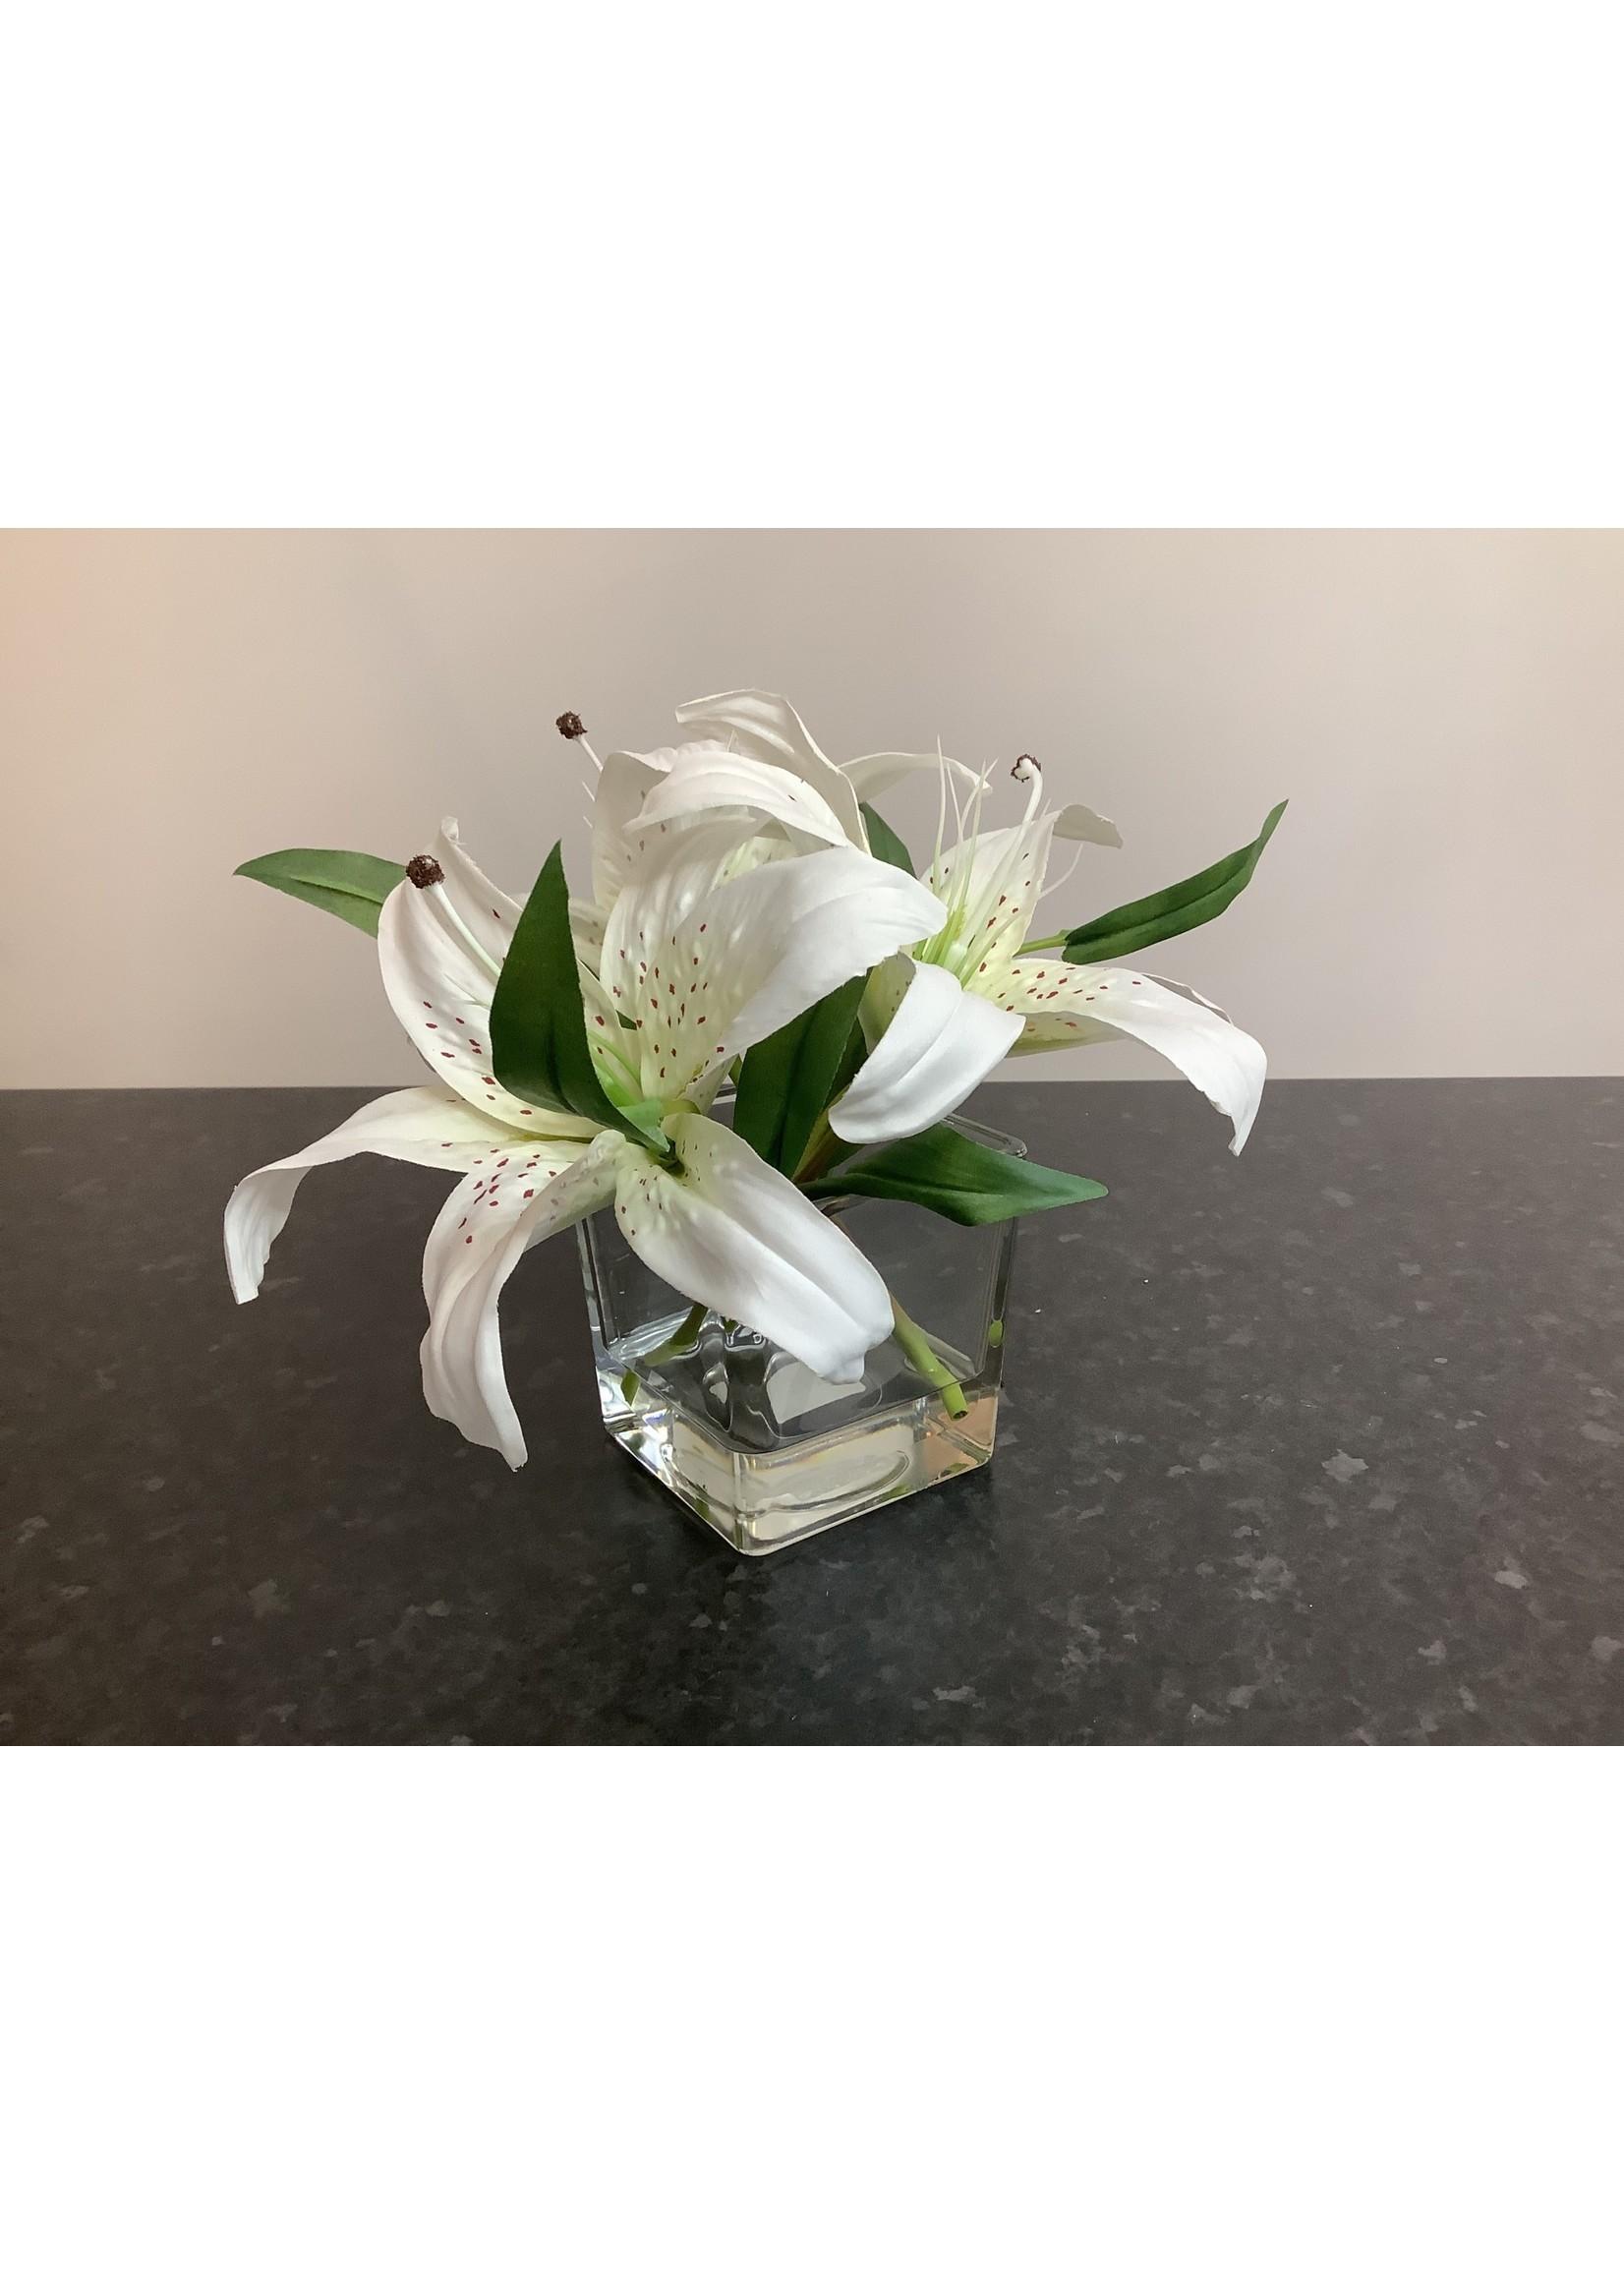 Lily's in cube vase 10x10cm